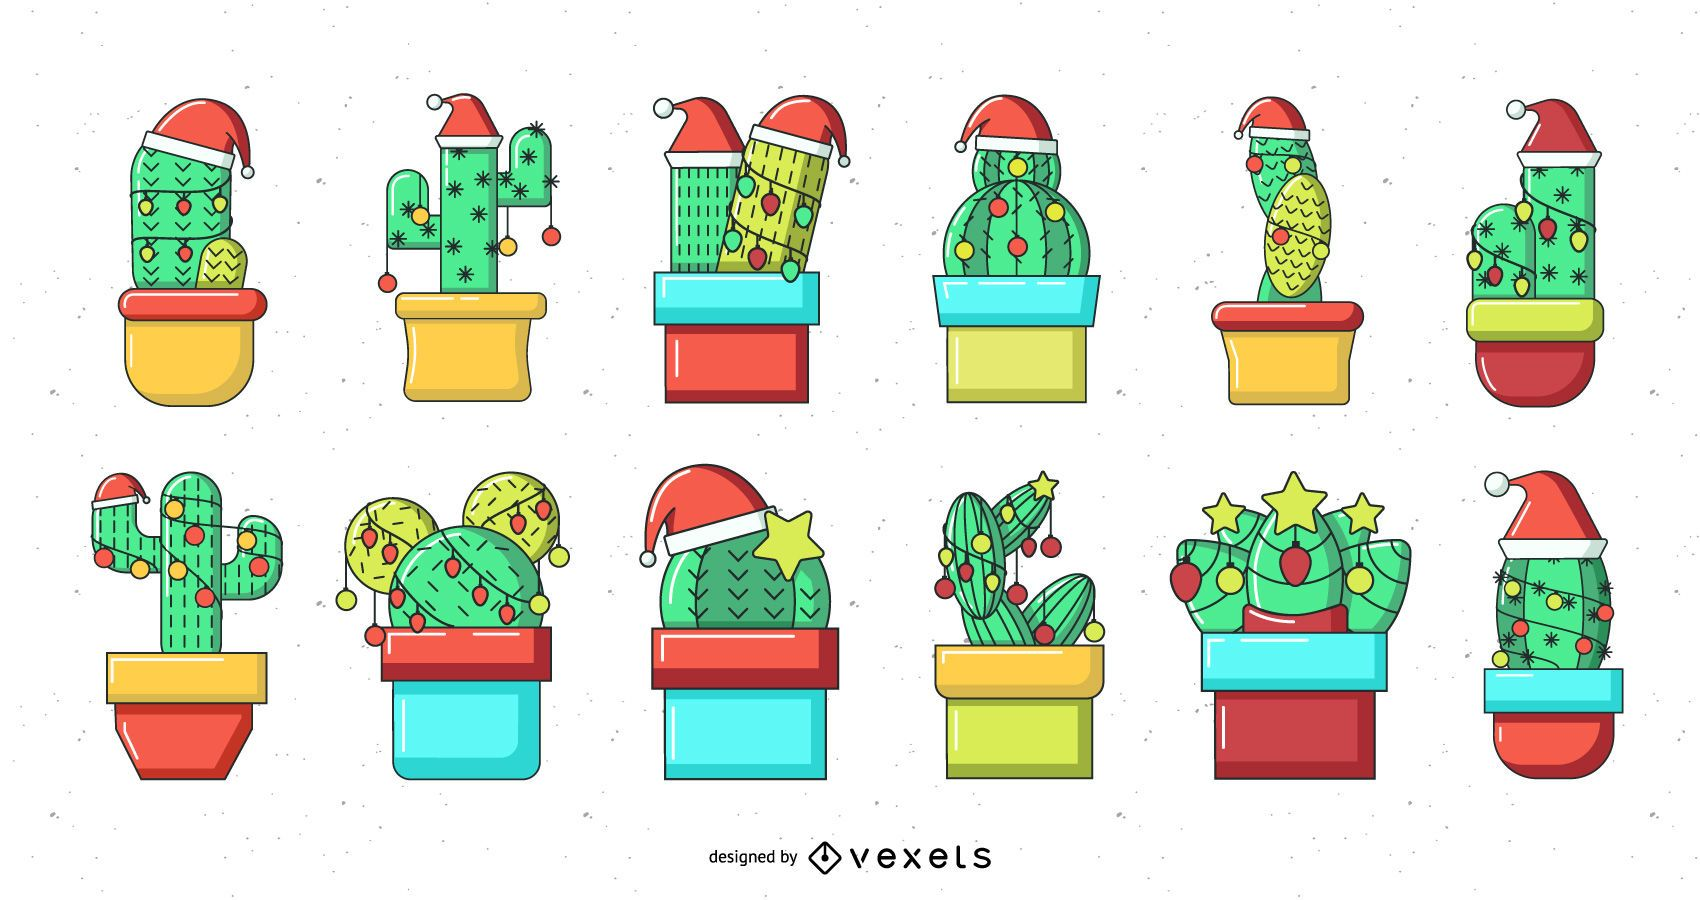 Colecci?n de cactus navide?os